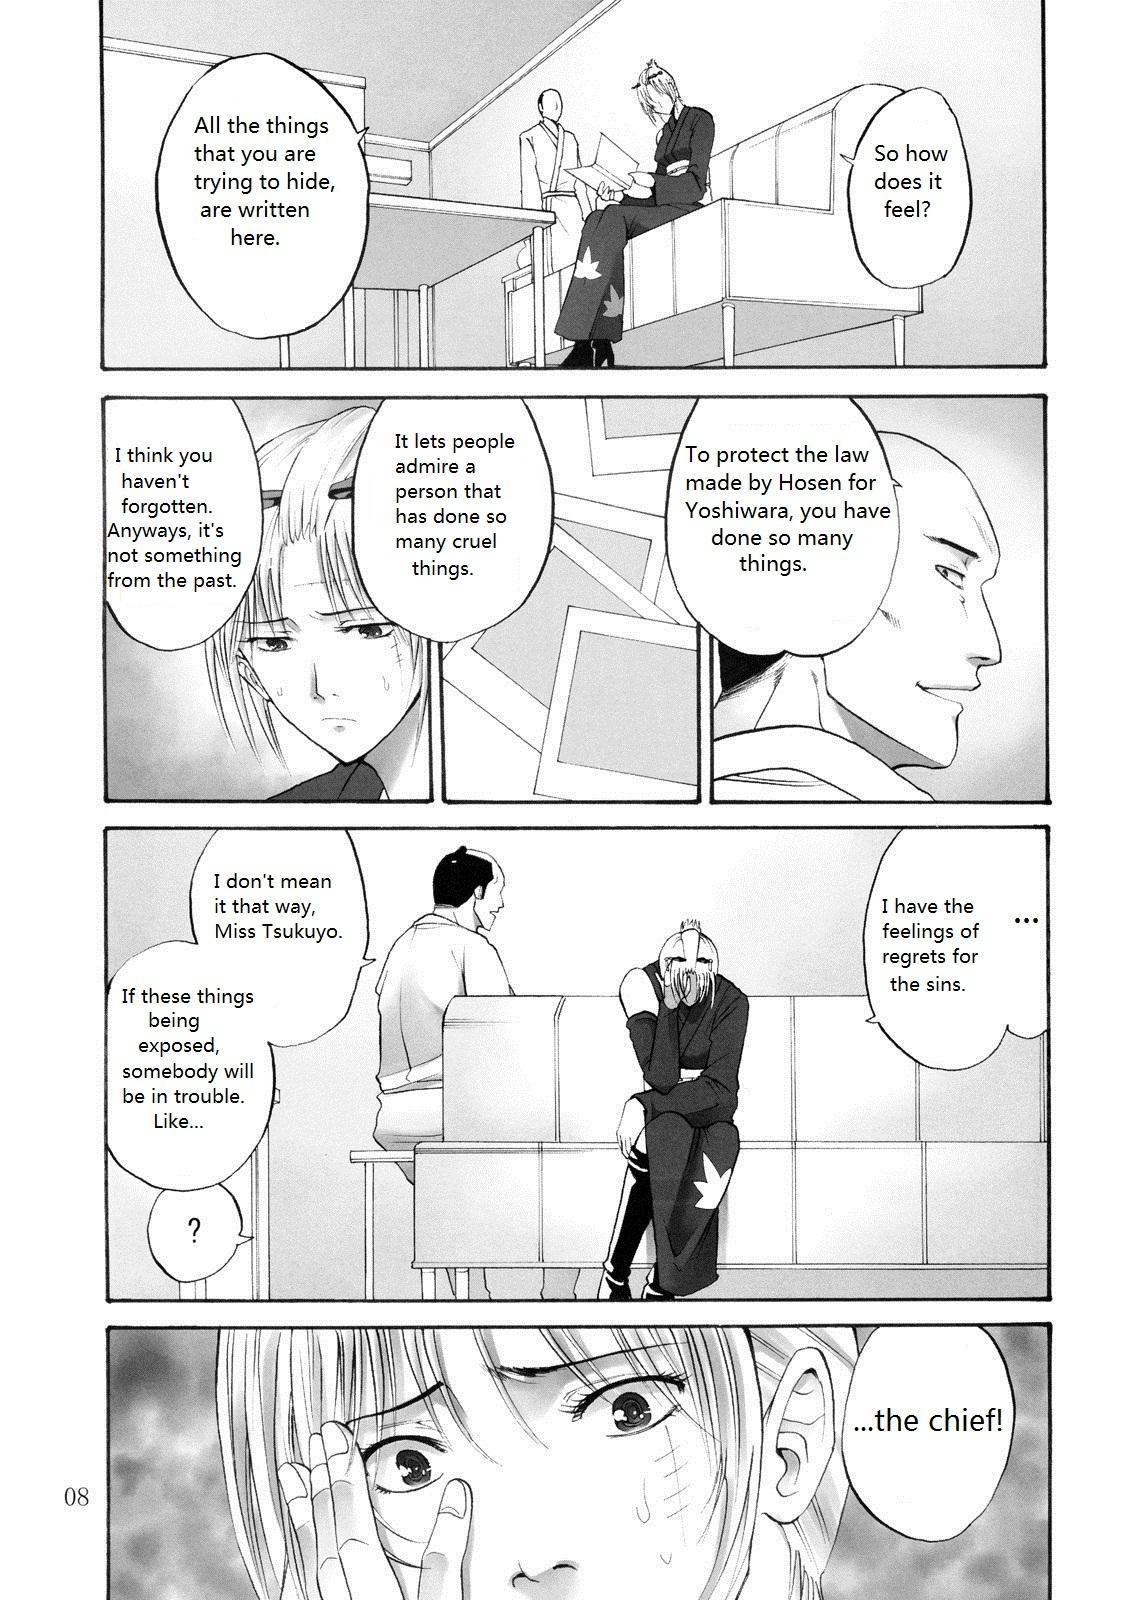 (SC49) [Katsuobushi (Horie)] Tsukuyo-san ga Iyarashii Koto o Sarete Shimau Hanashi -NTR Ryoujoku Hen- [English] [Twilight Sparkle1998] 6